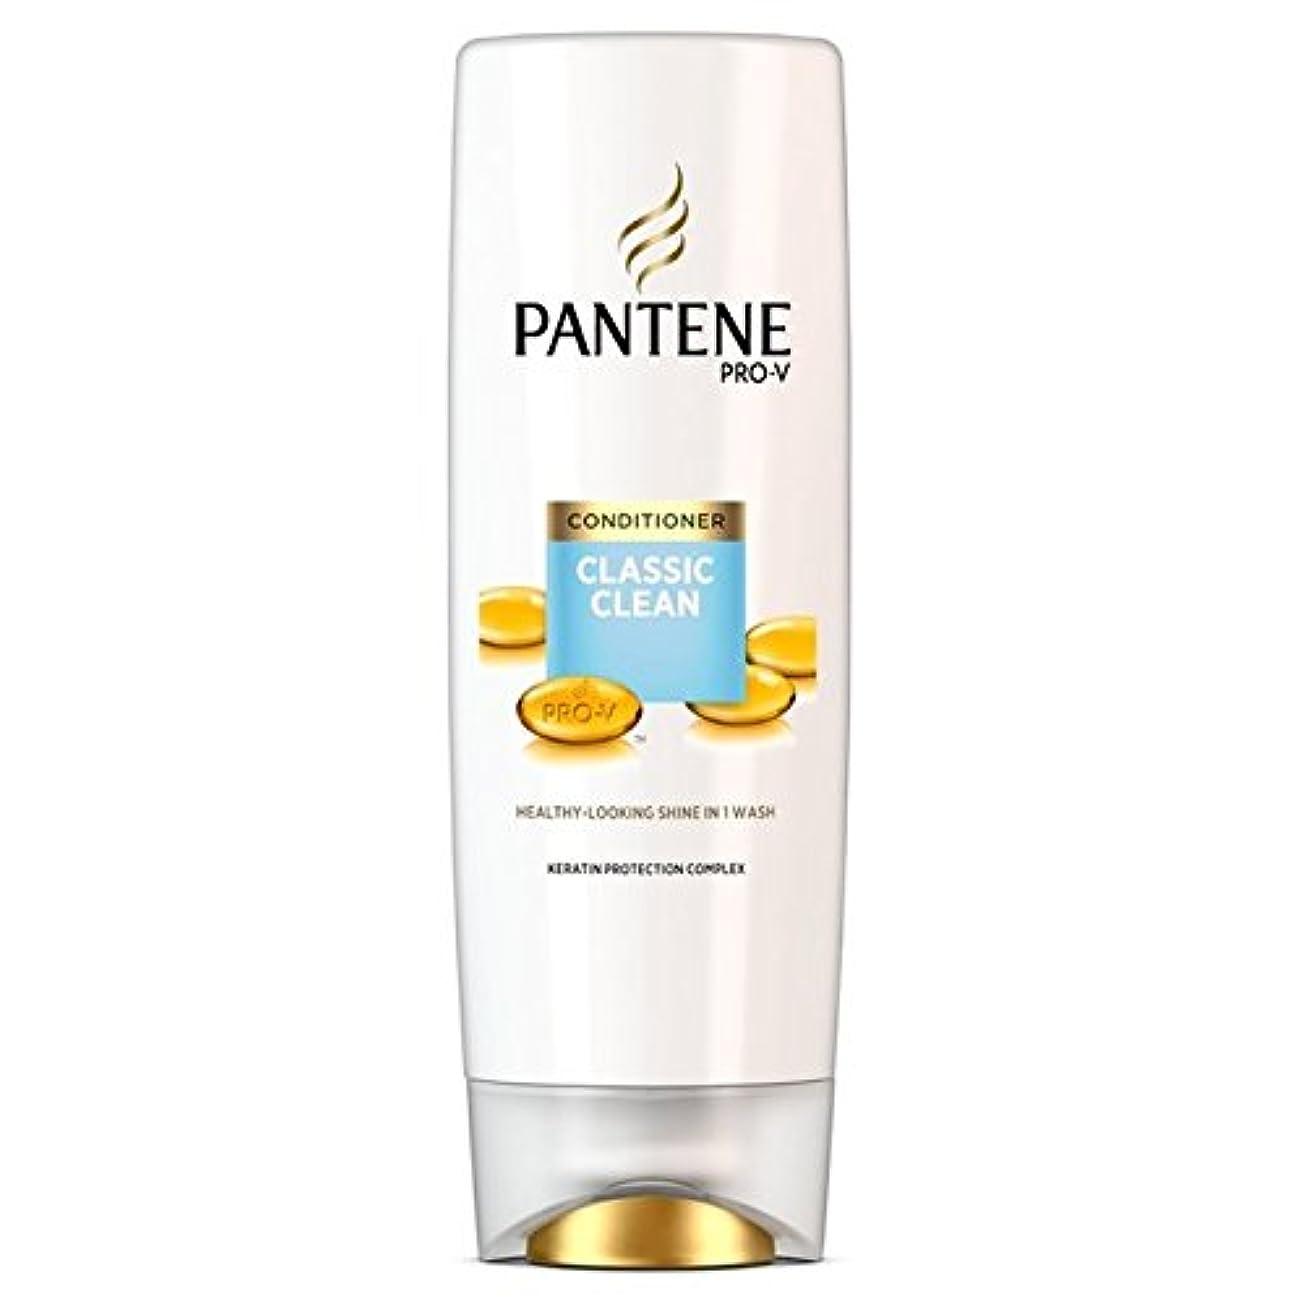 とげ提唱する蒸留Pantene Classic Clean Conditioner 360ml - パンテーン古典的なクリーンコンディショナー360ミリリットル [並行輸入品]